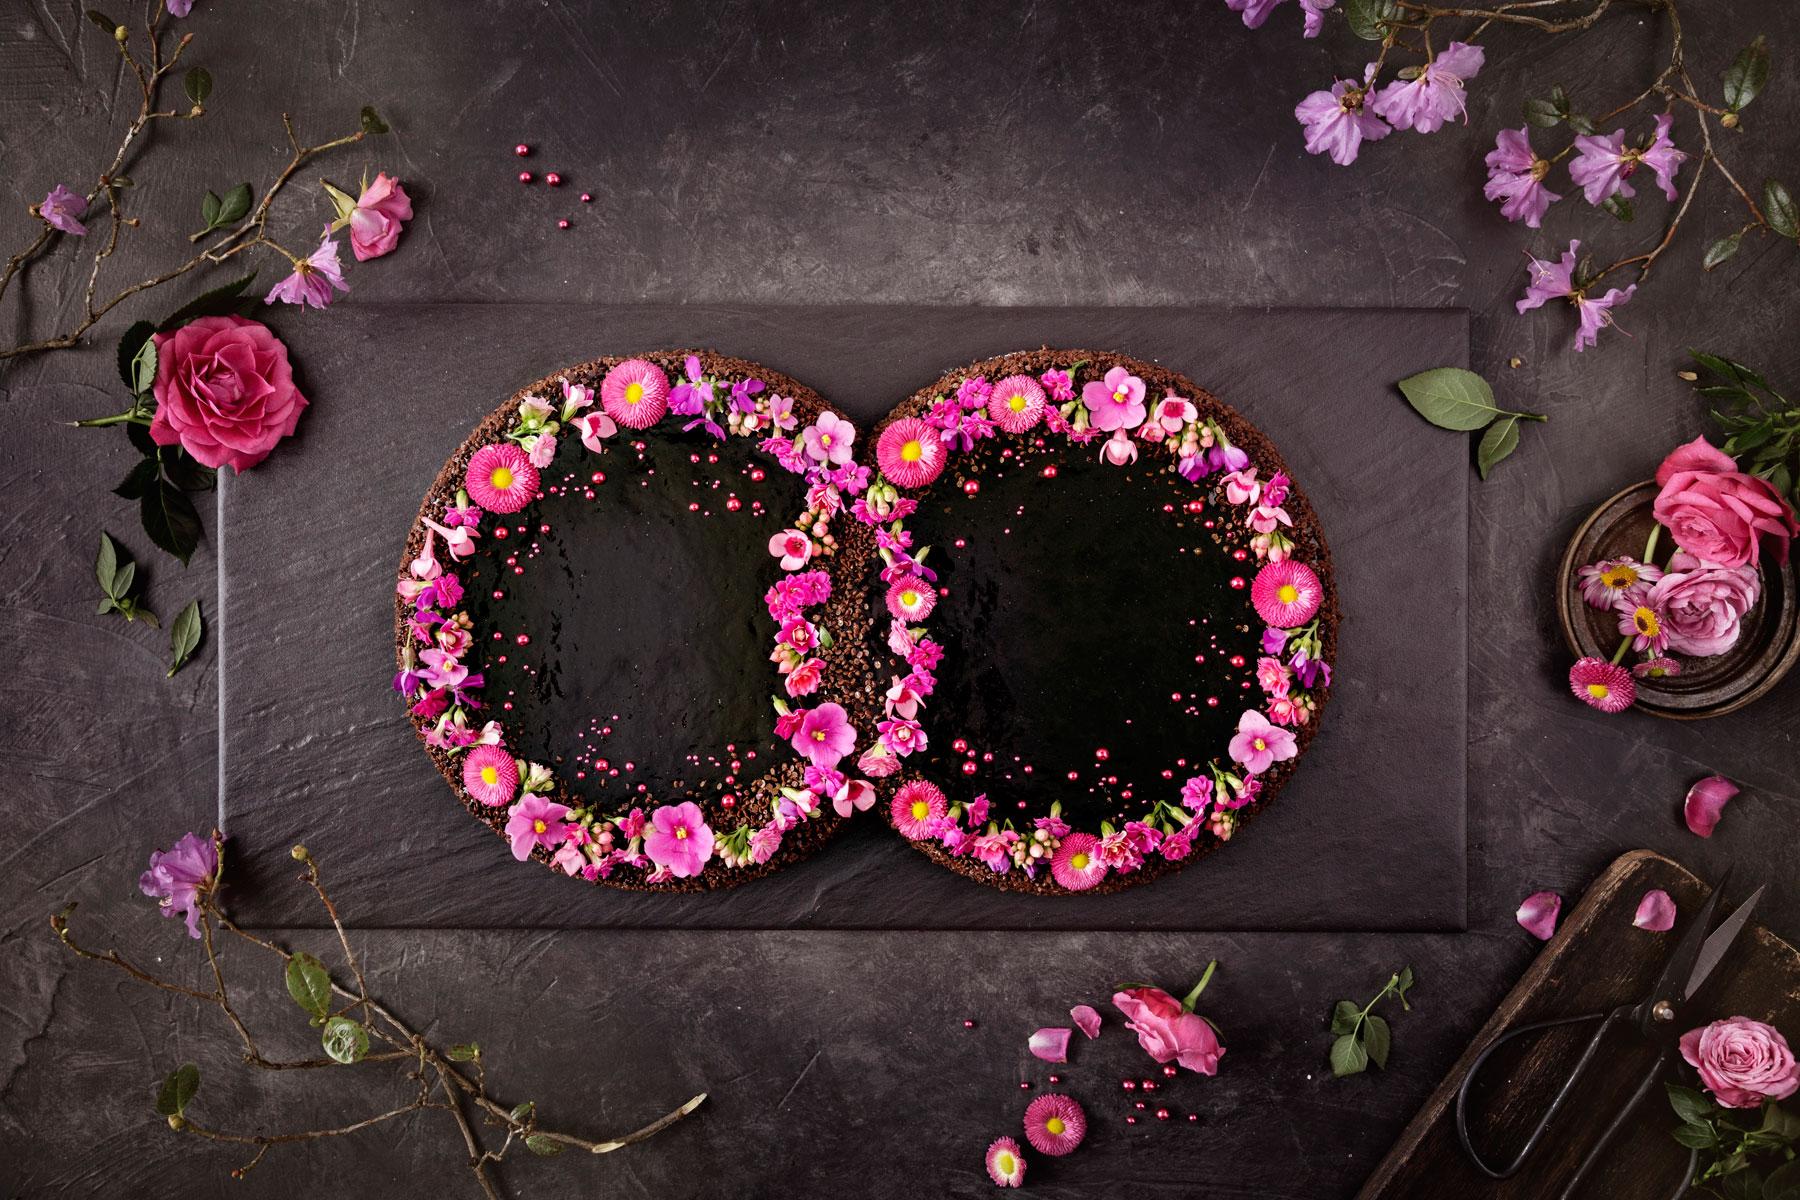 Hochzeitstorte Mousse Au Chocolat In Ringform Schnelle Anleitung